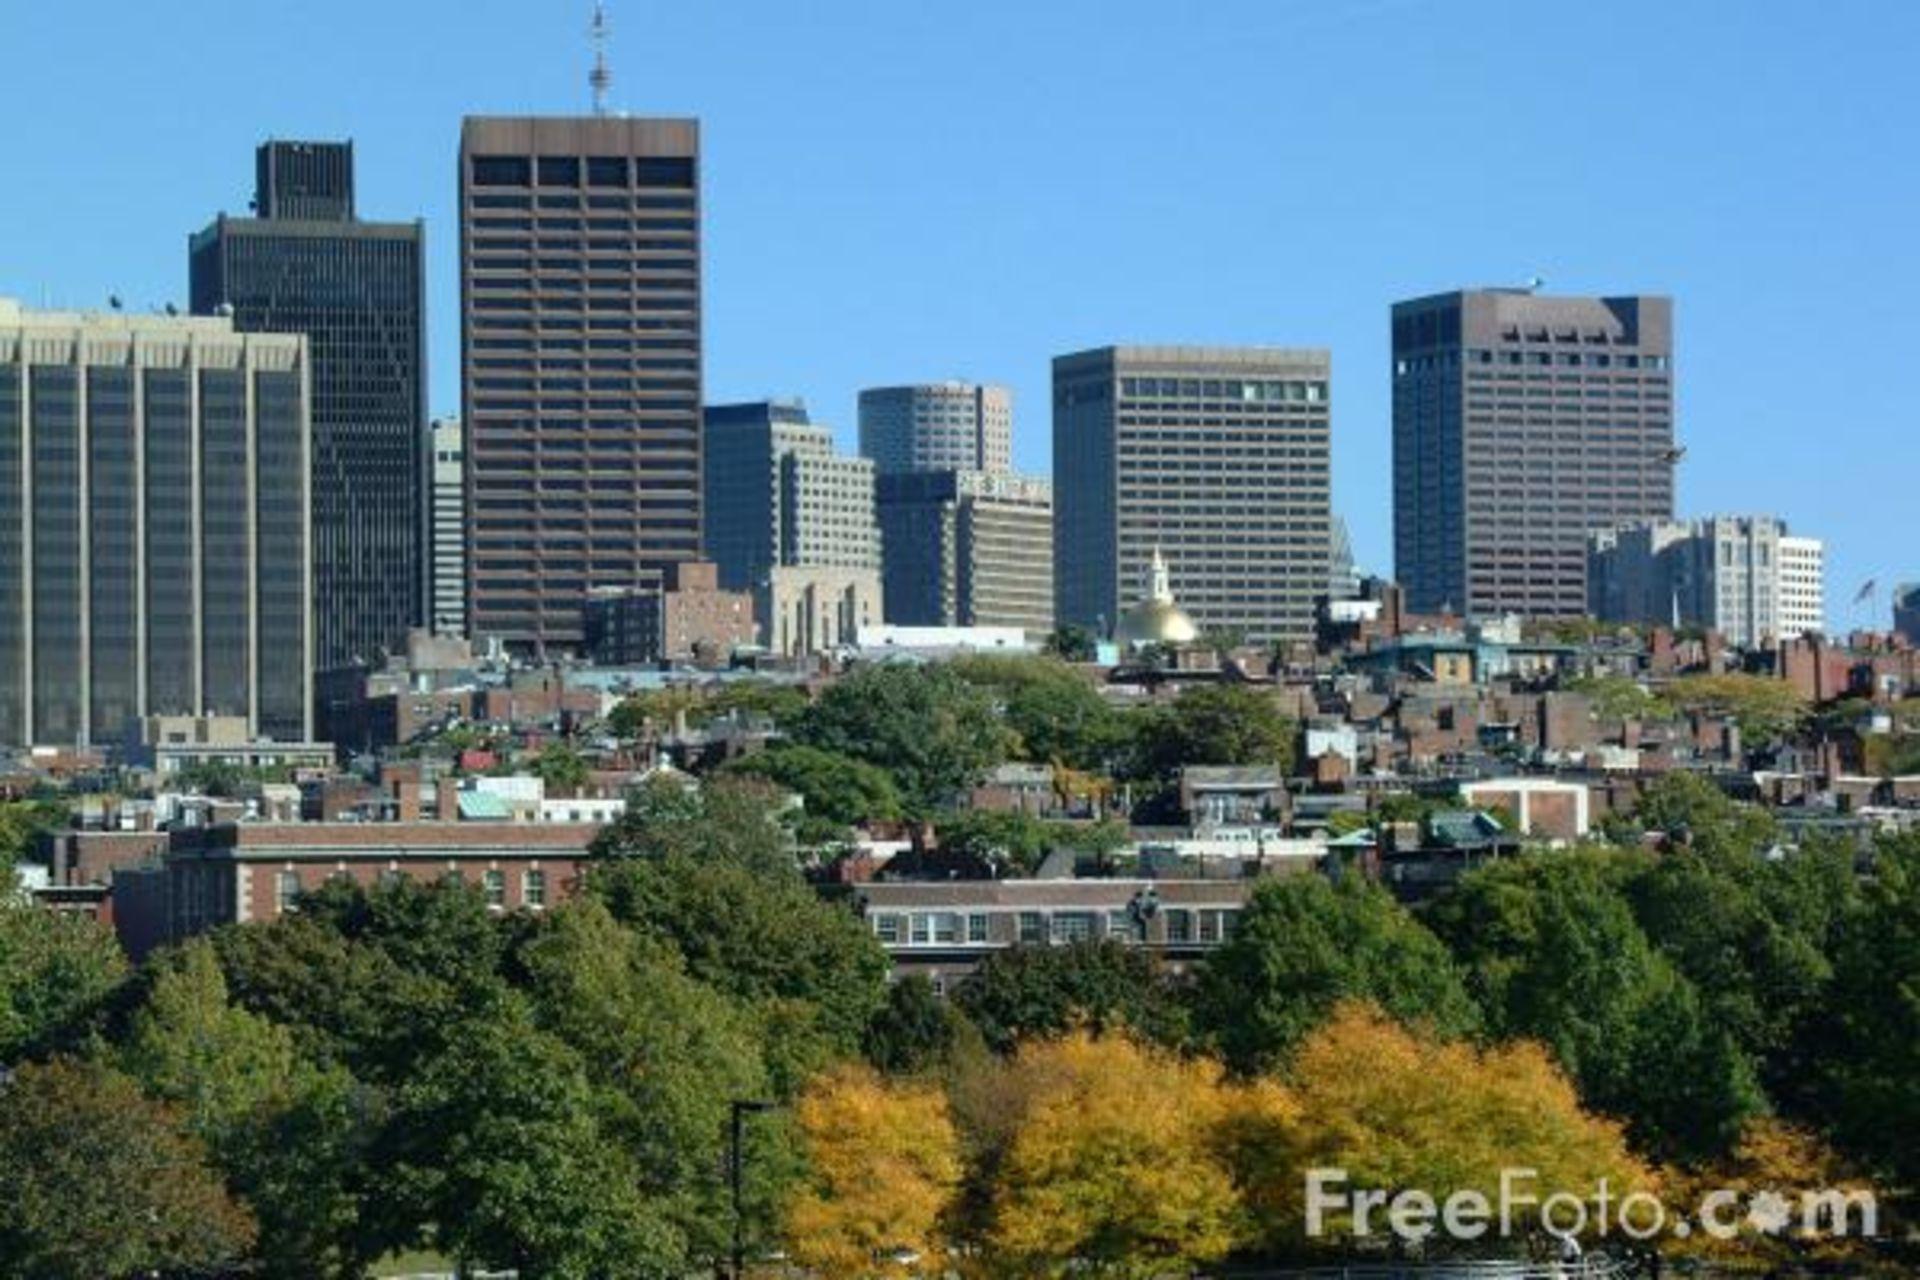 BOSTON BOUTIQUE BUILDINGS